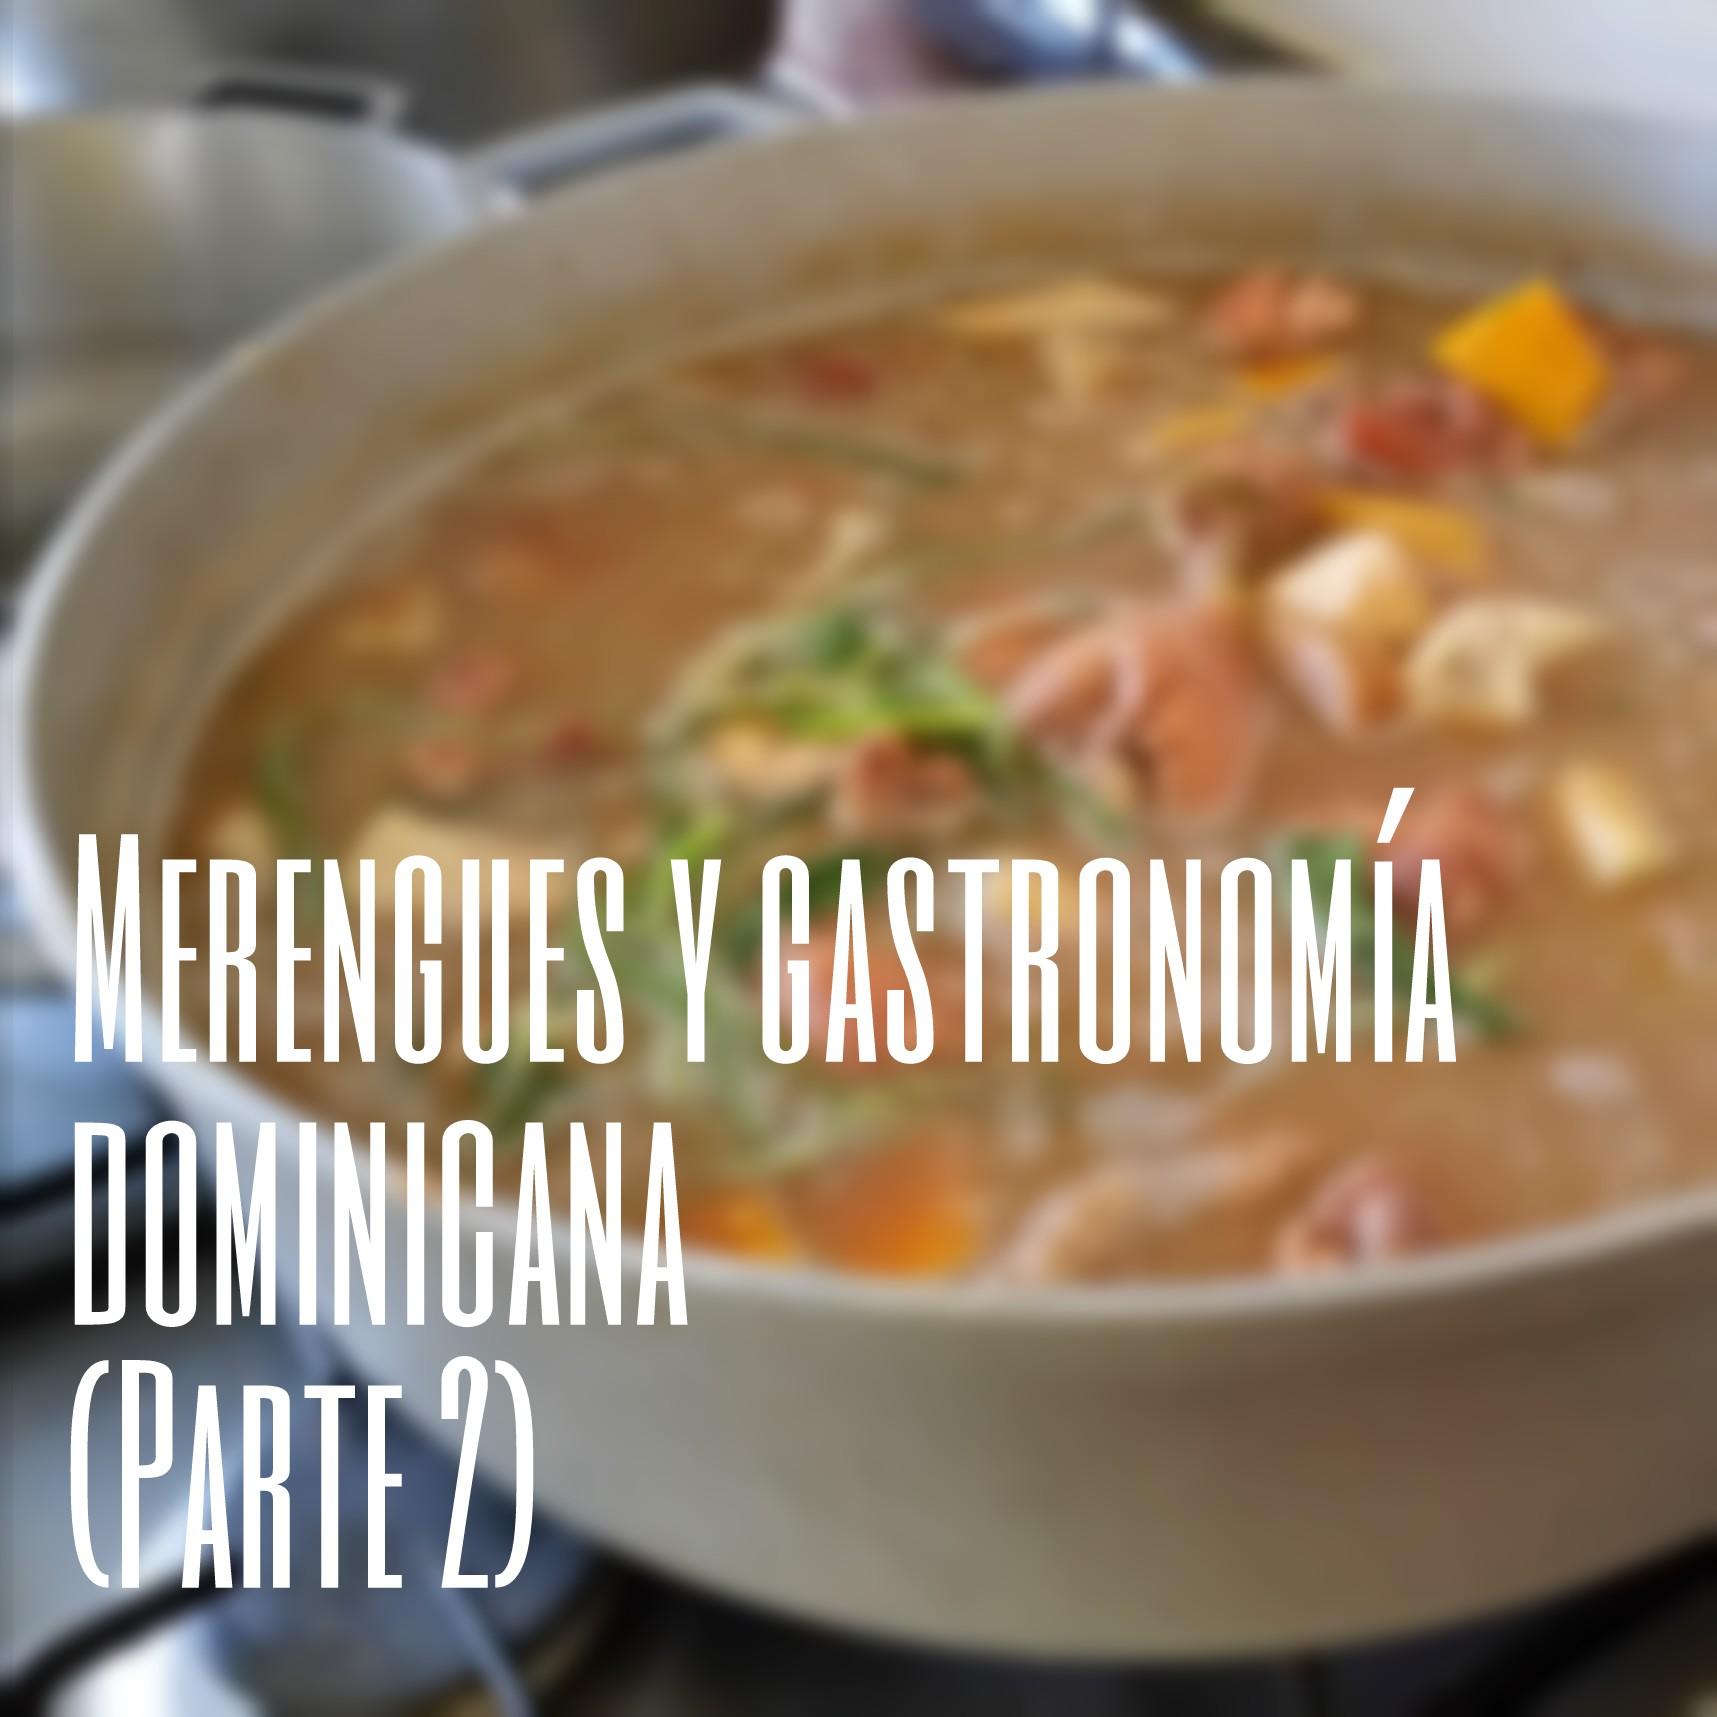 Merengues y gastronomía dominicana (Parte 2)